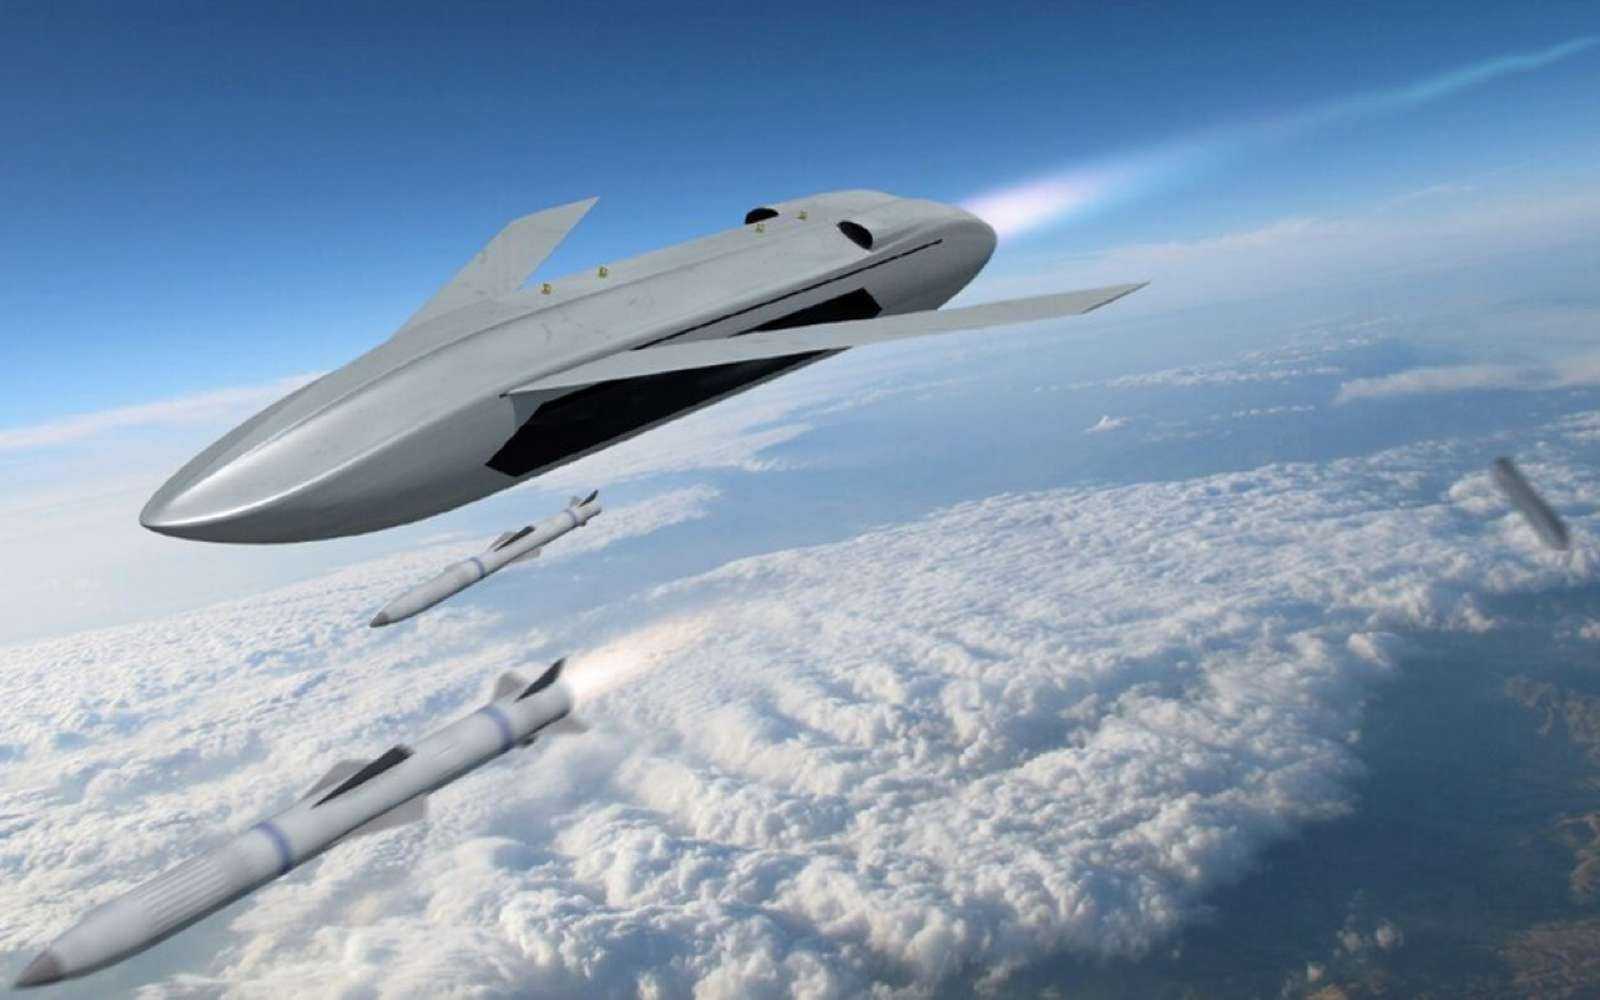 Le concept de drone LongShot pourrait être largué d'un chasseur ou d'un bombardier et aller au plus près de sa cible pour tirer ses missiles air-air. © Darpa